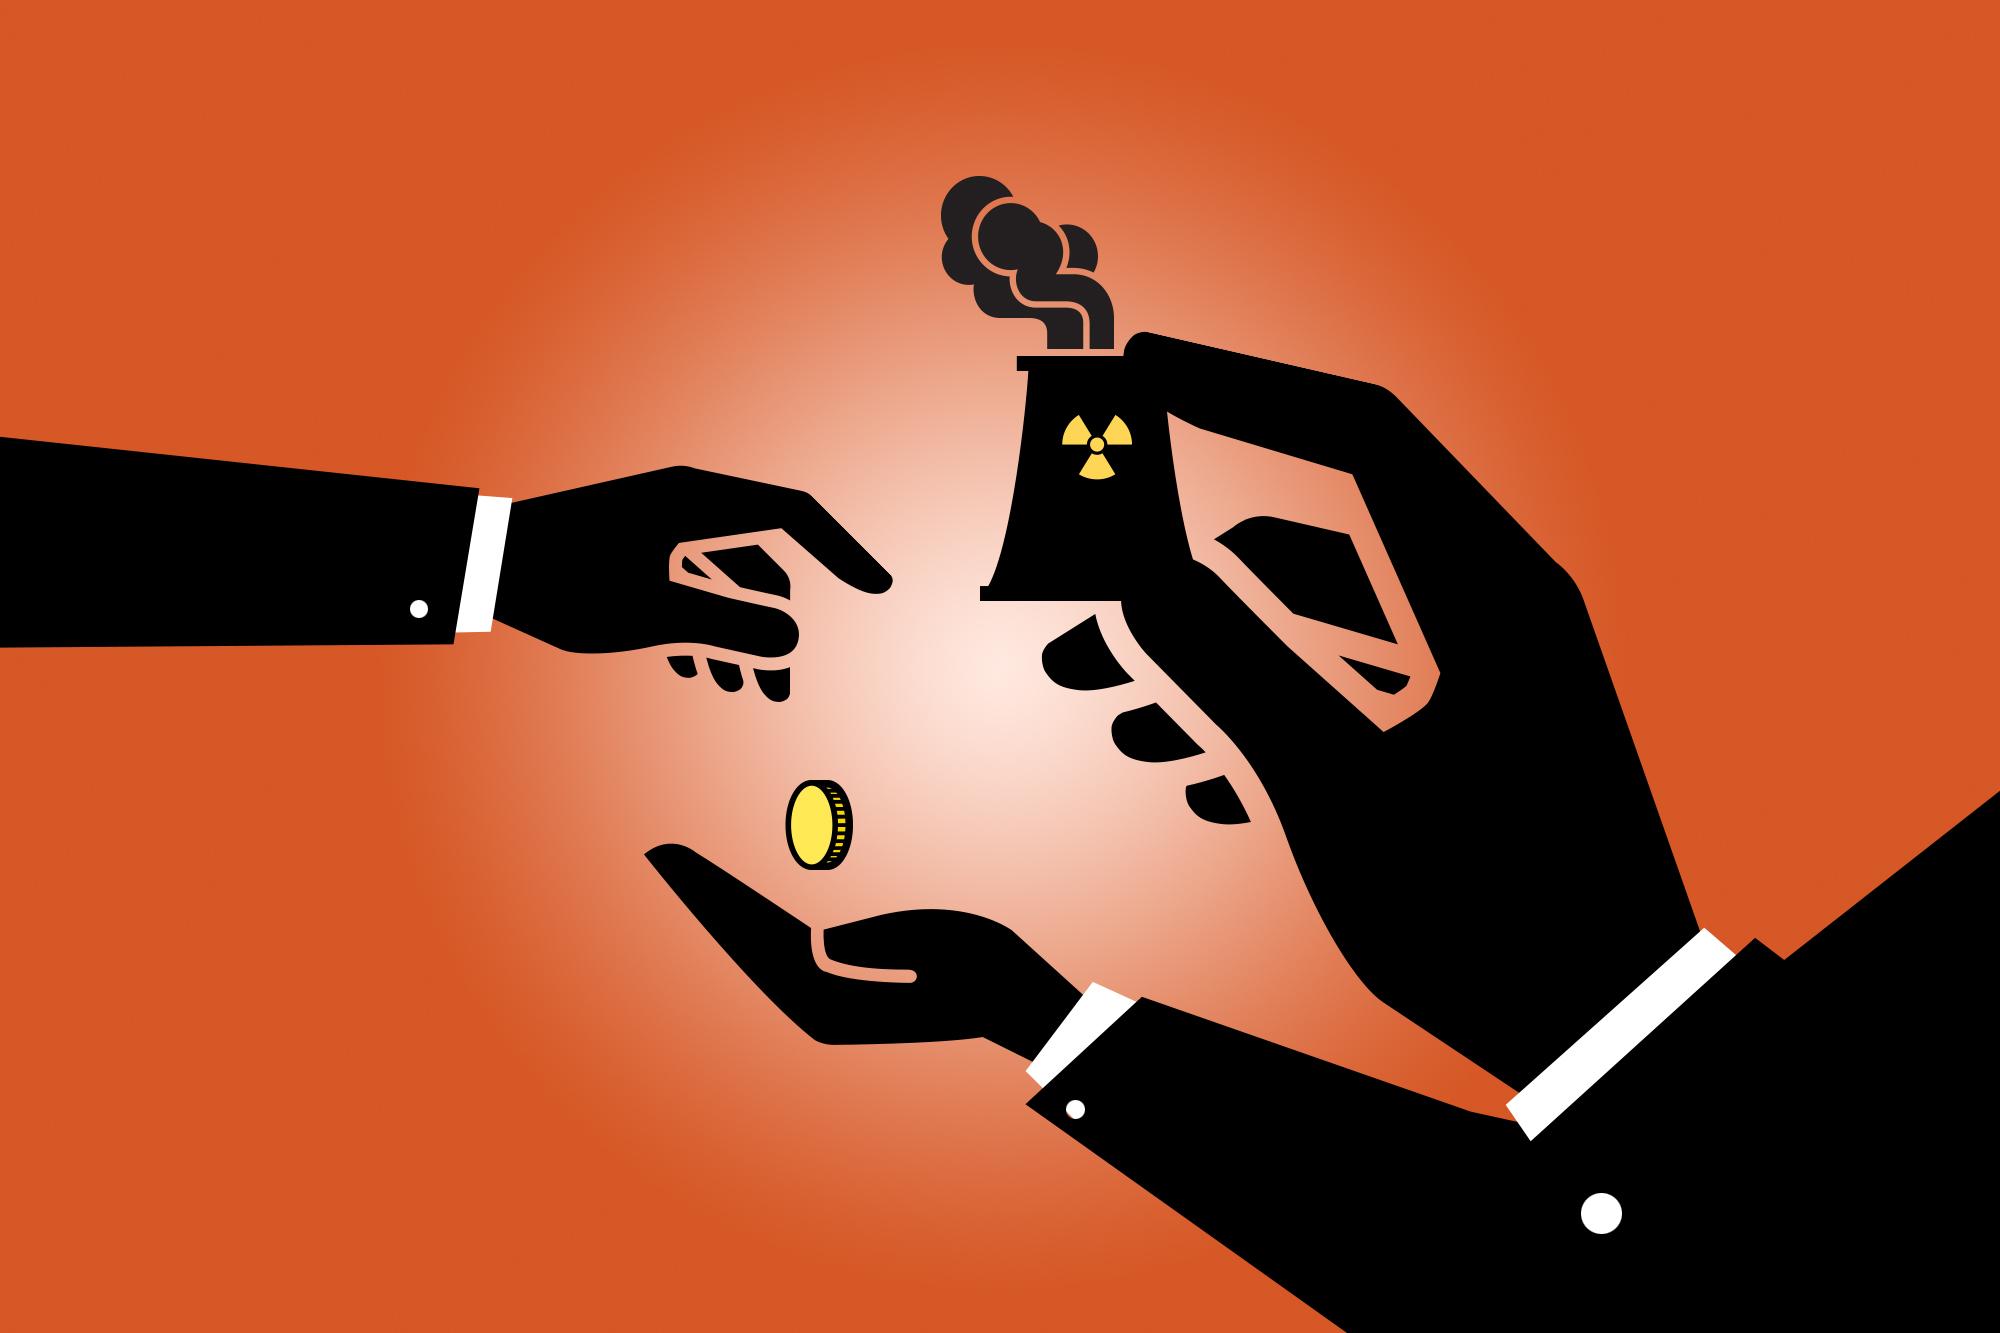 Die Gewinne privat, die Verluste dem Staat: So hätten es die unrentablen AKWs jetzt gerne.